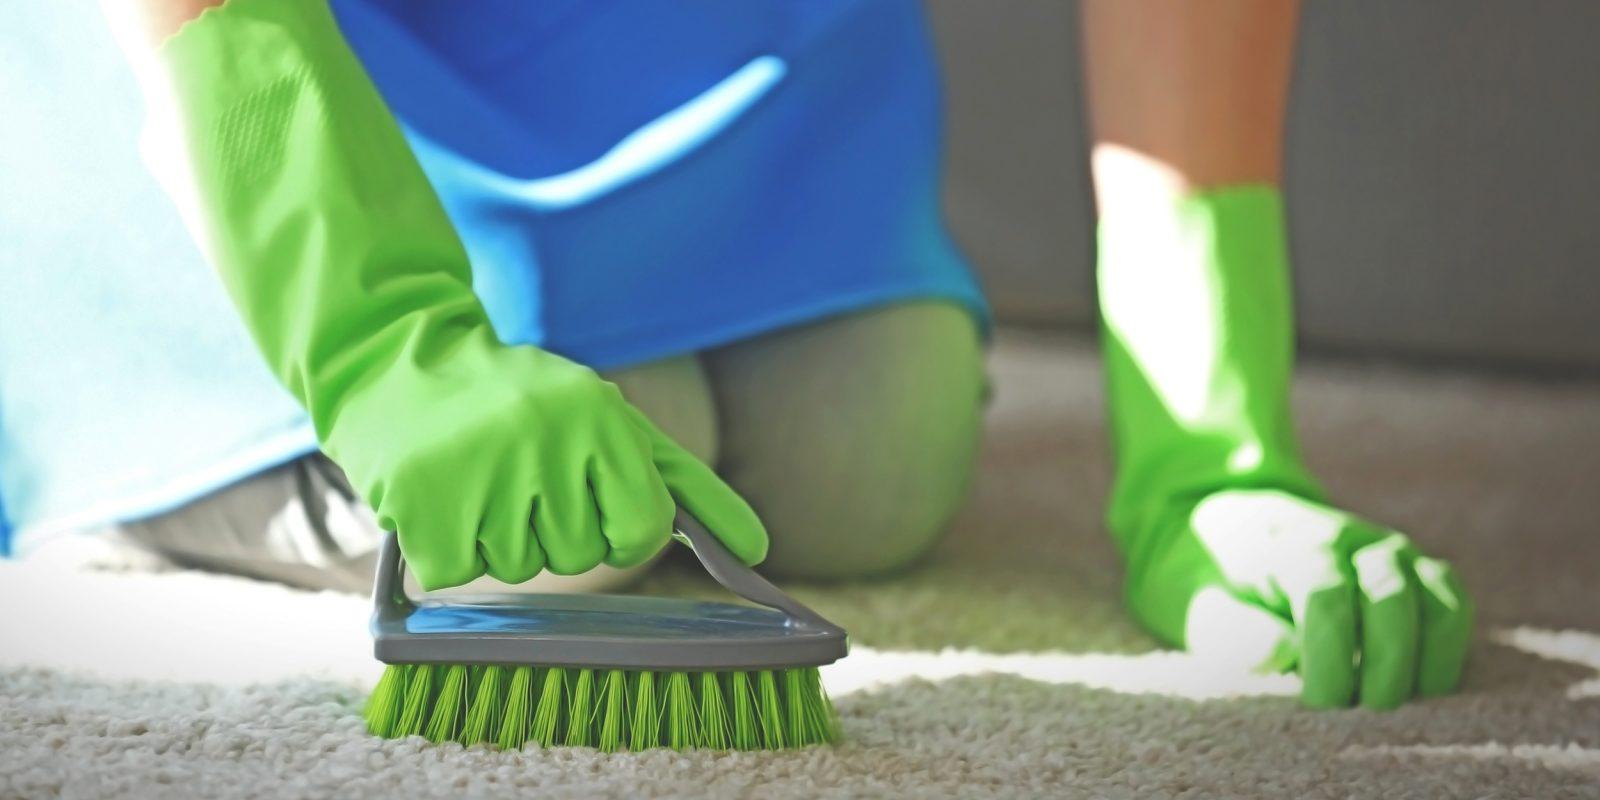 Как очистить ковер самостоятельно?